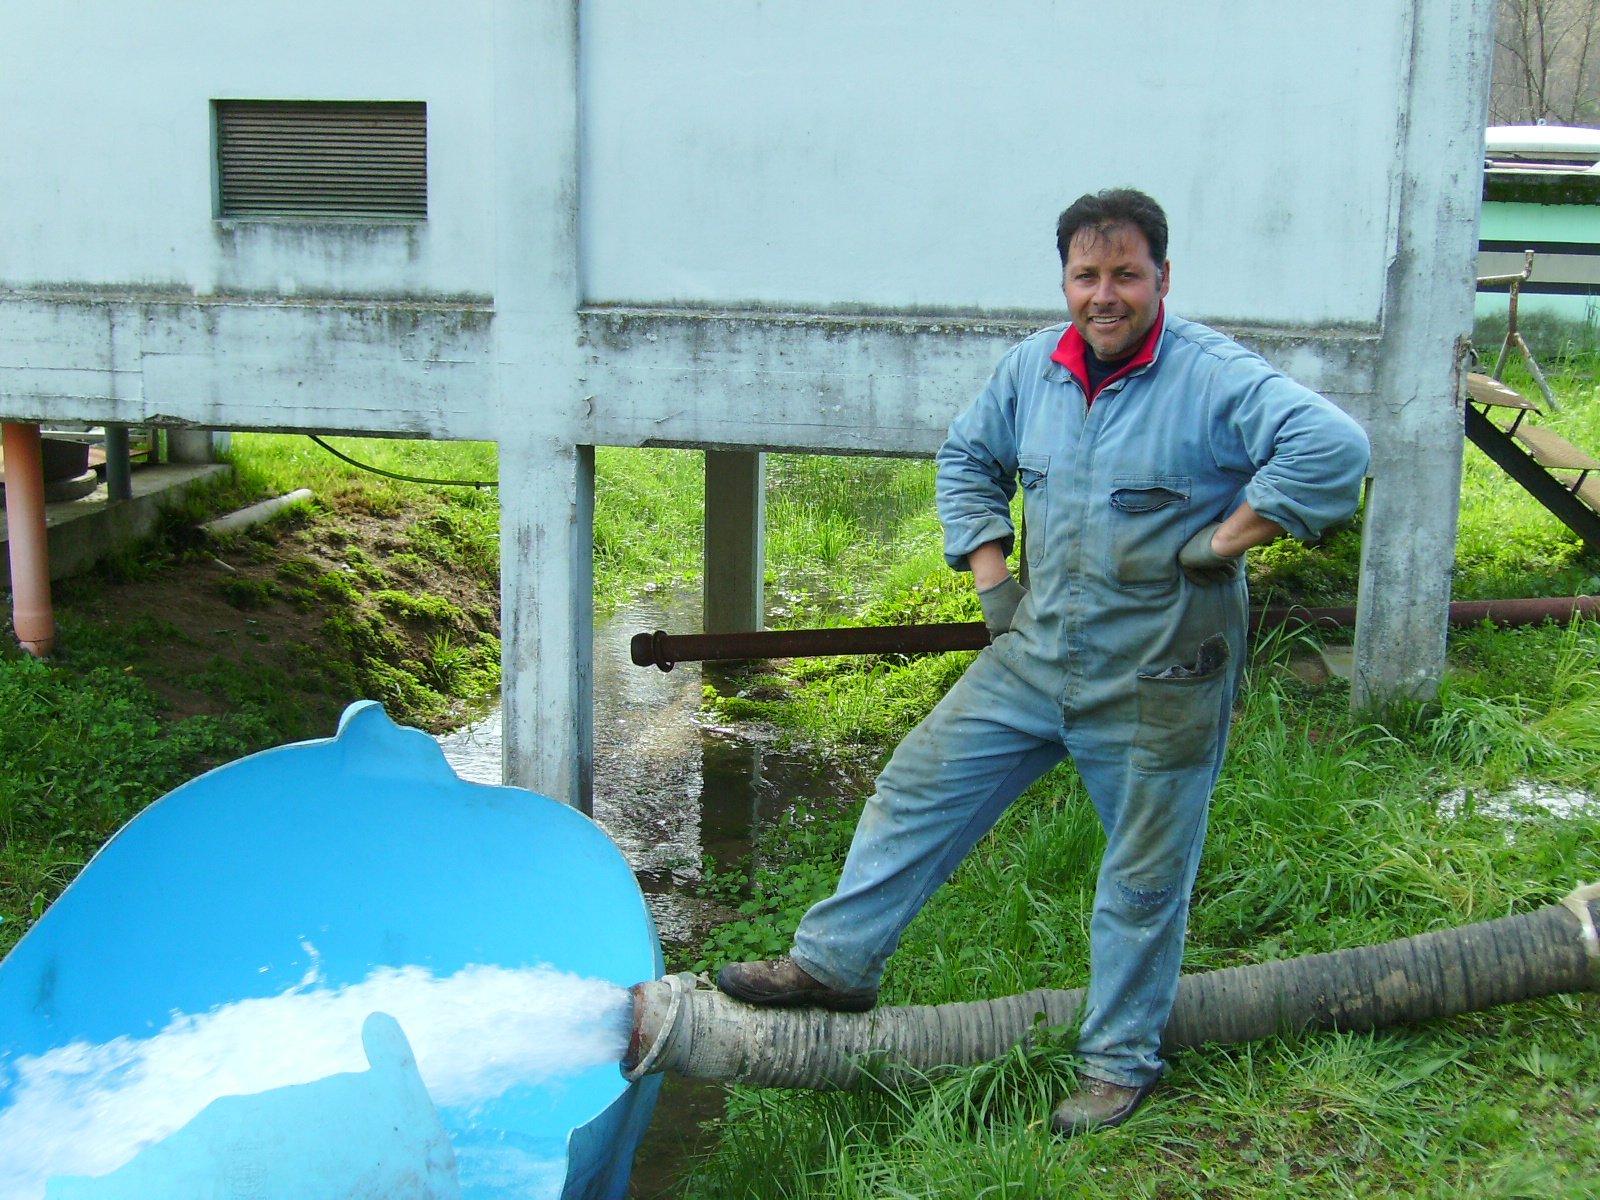 operaio controlla un getto d'acqua